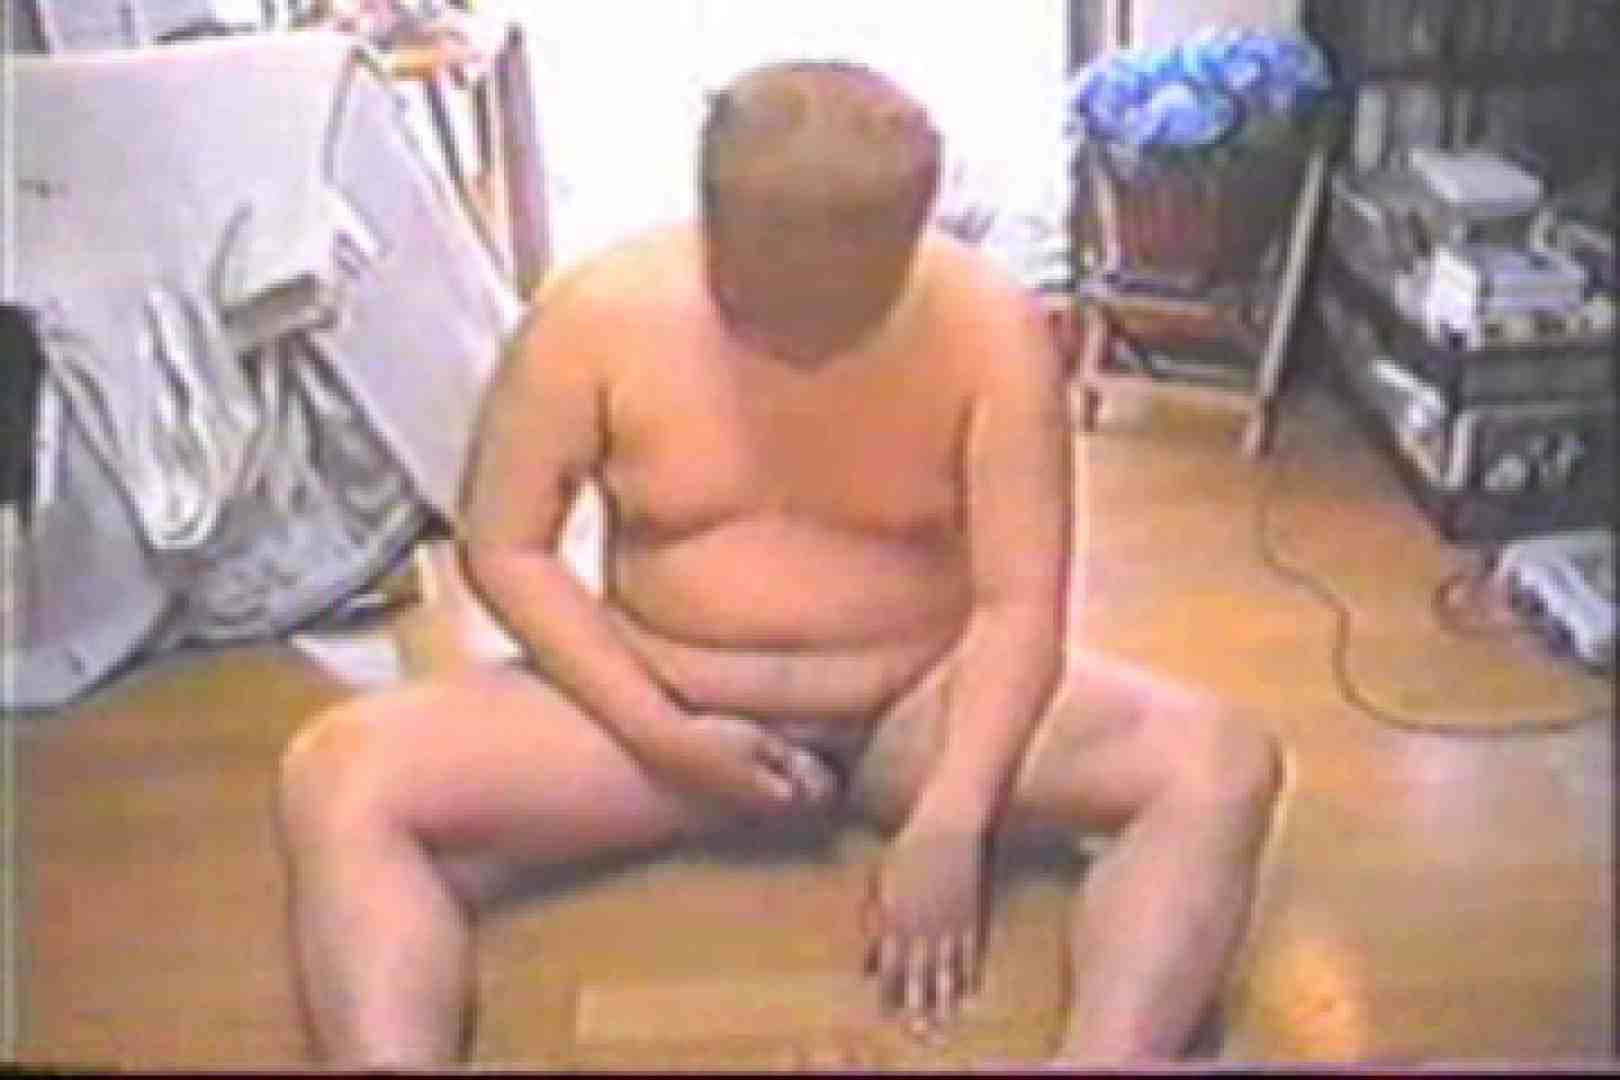 【実録】パンスト仮面は真性包茎!!Hなぽっちゃりカップル 包茎  59pic 22